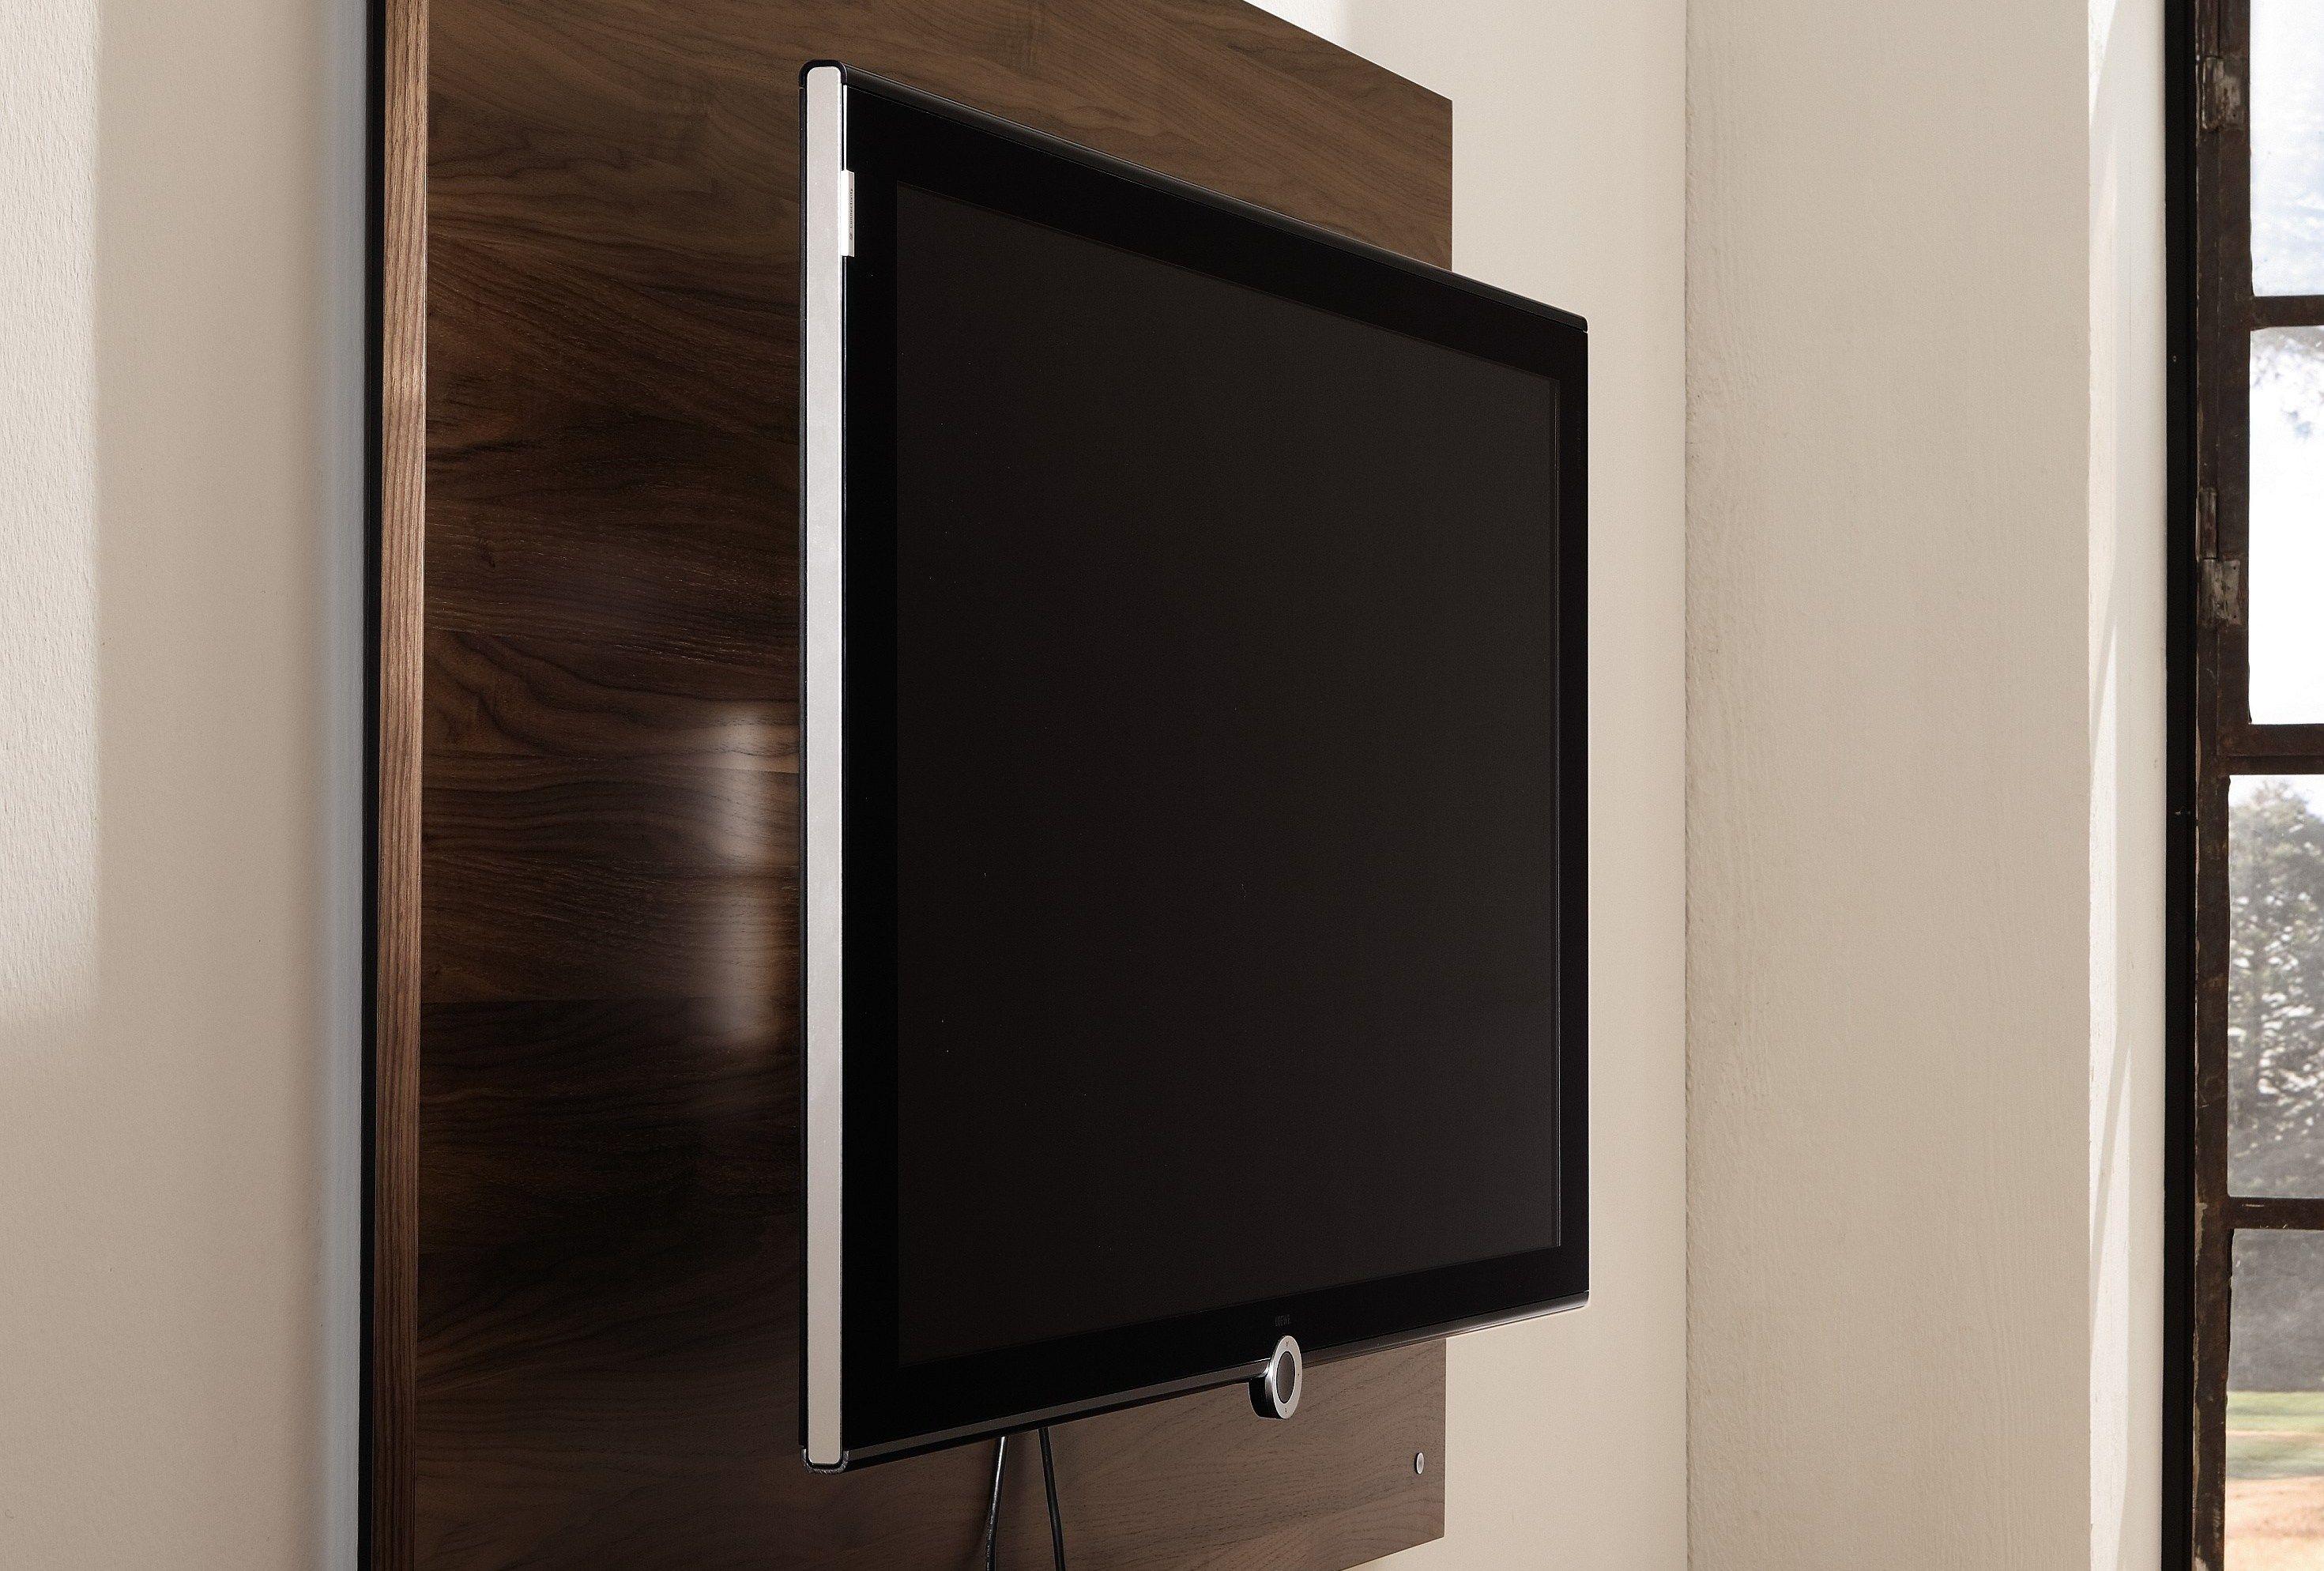 h lsta tv m bel h ngend neuesten design kollektionen f r die familien. Black Bedroom Furniture Sets. Home Design Ideas